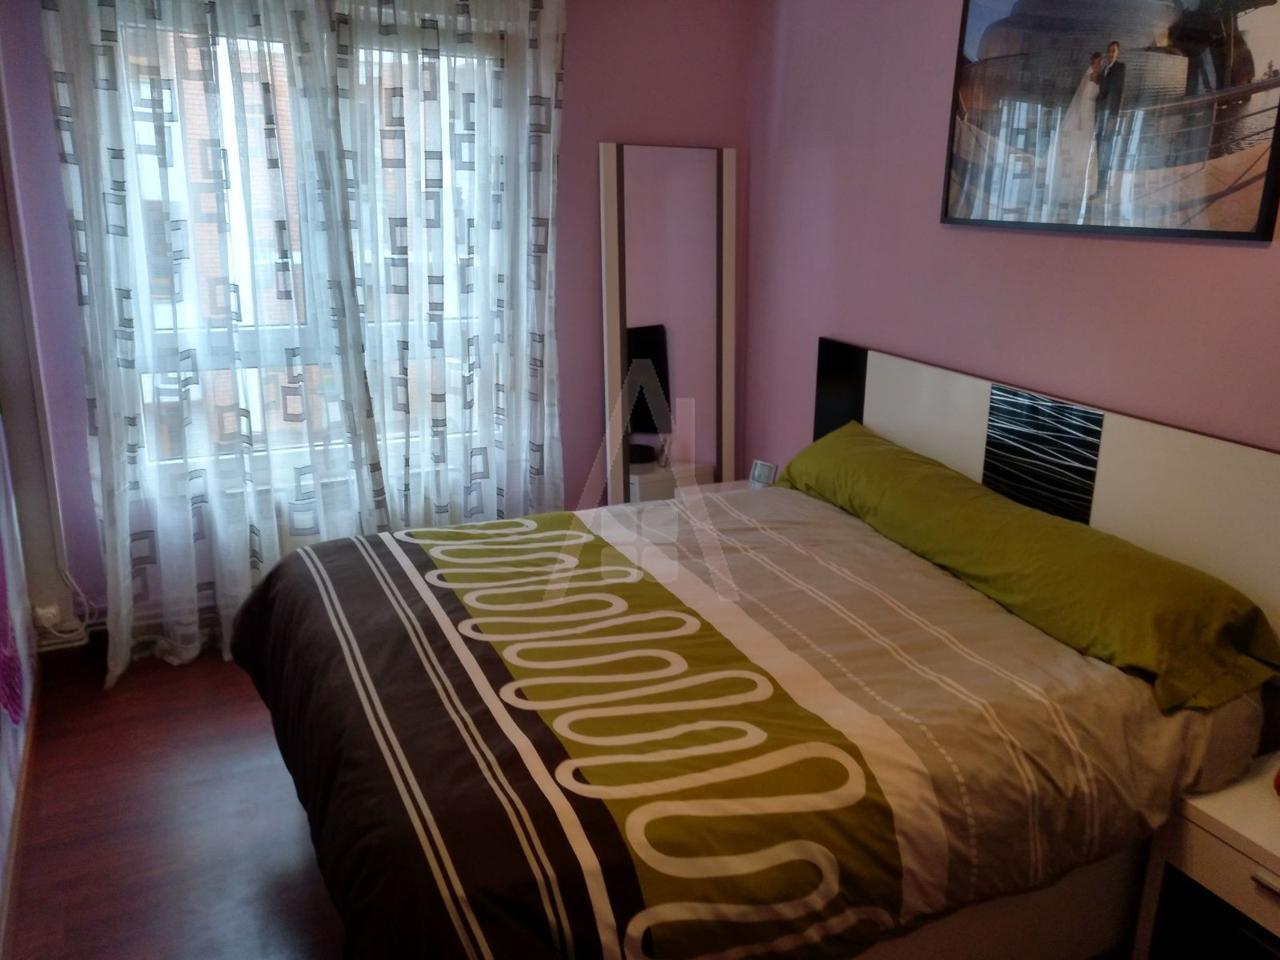 Inmobiliaria avenida piso en venta en galdakao de 76 m2 - Pisos en venta galdakao ...